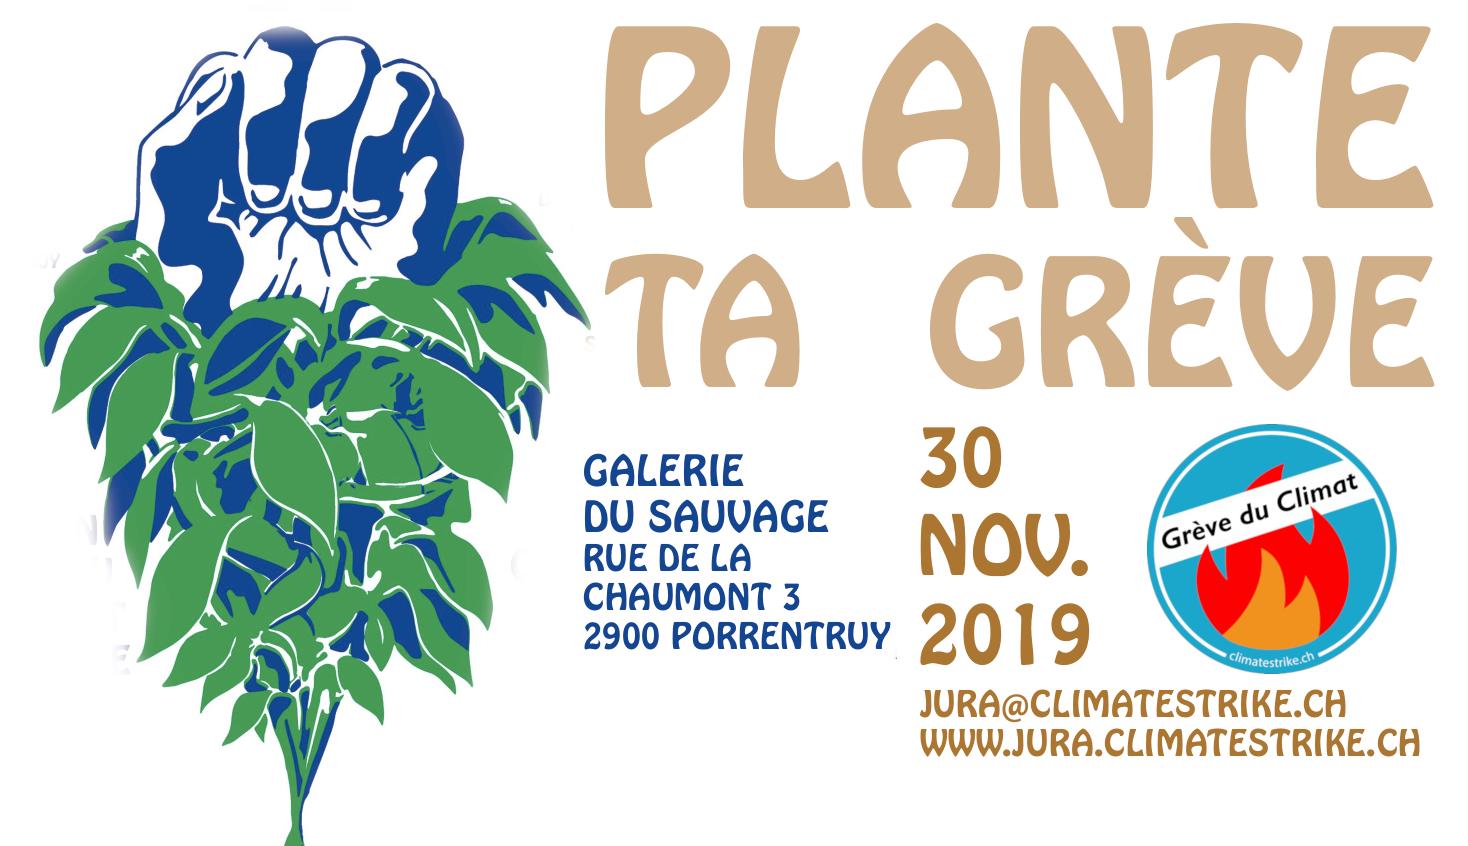 Plante ta Grève : un événement festif et joyeux pour créer du lien autour des questions écologiques